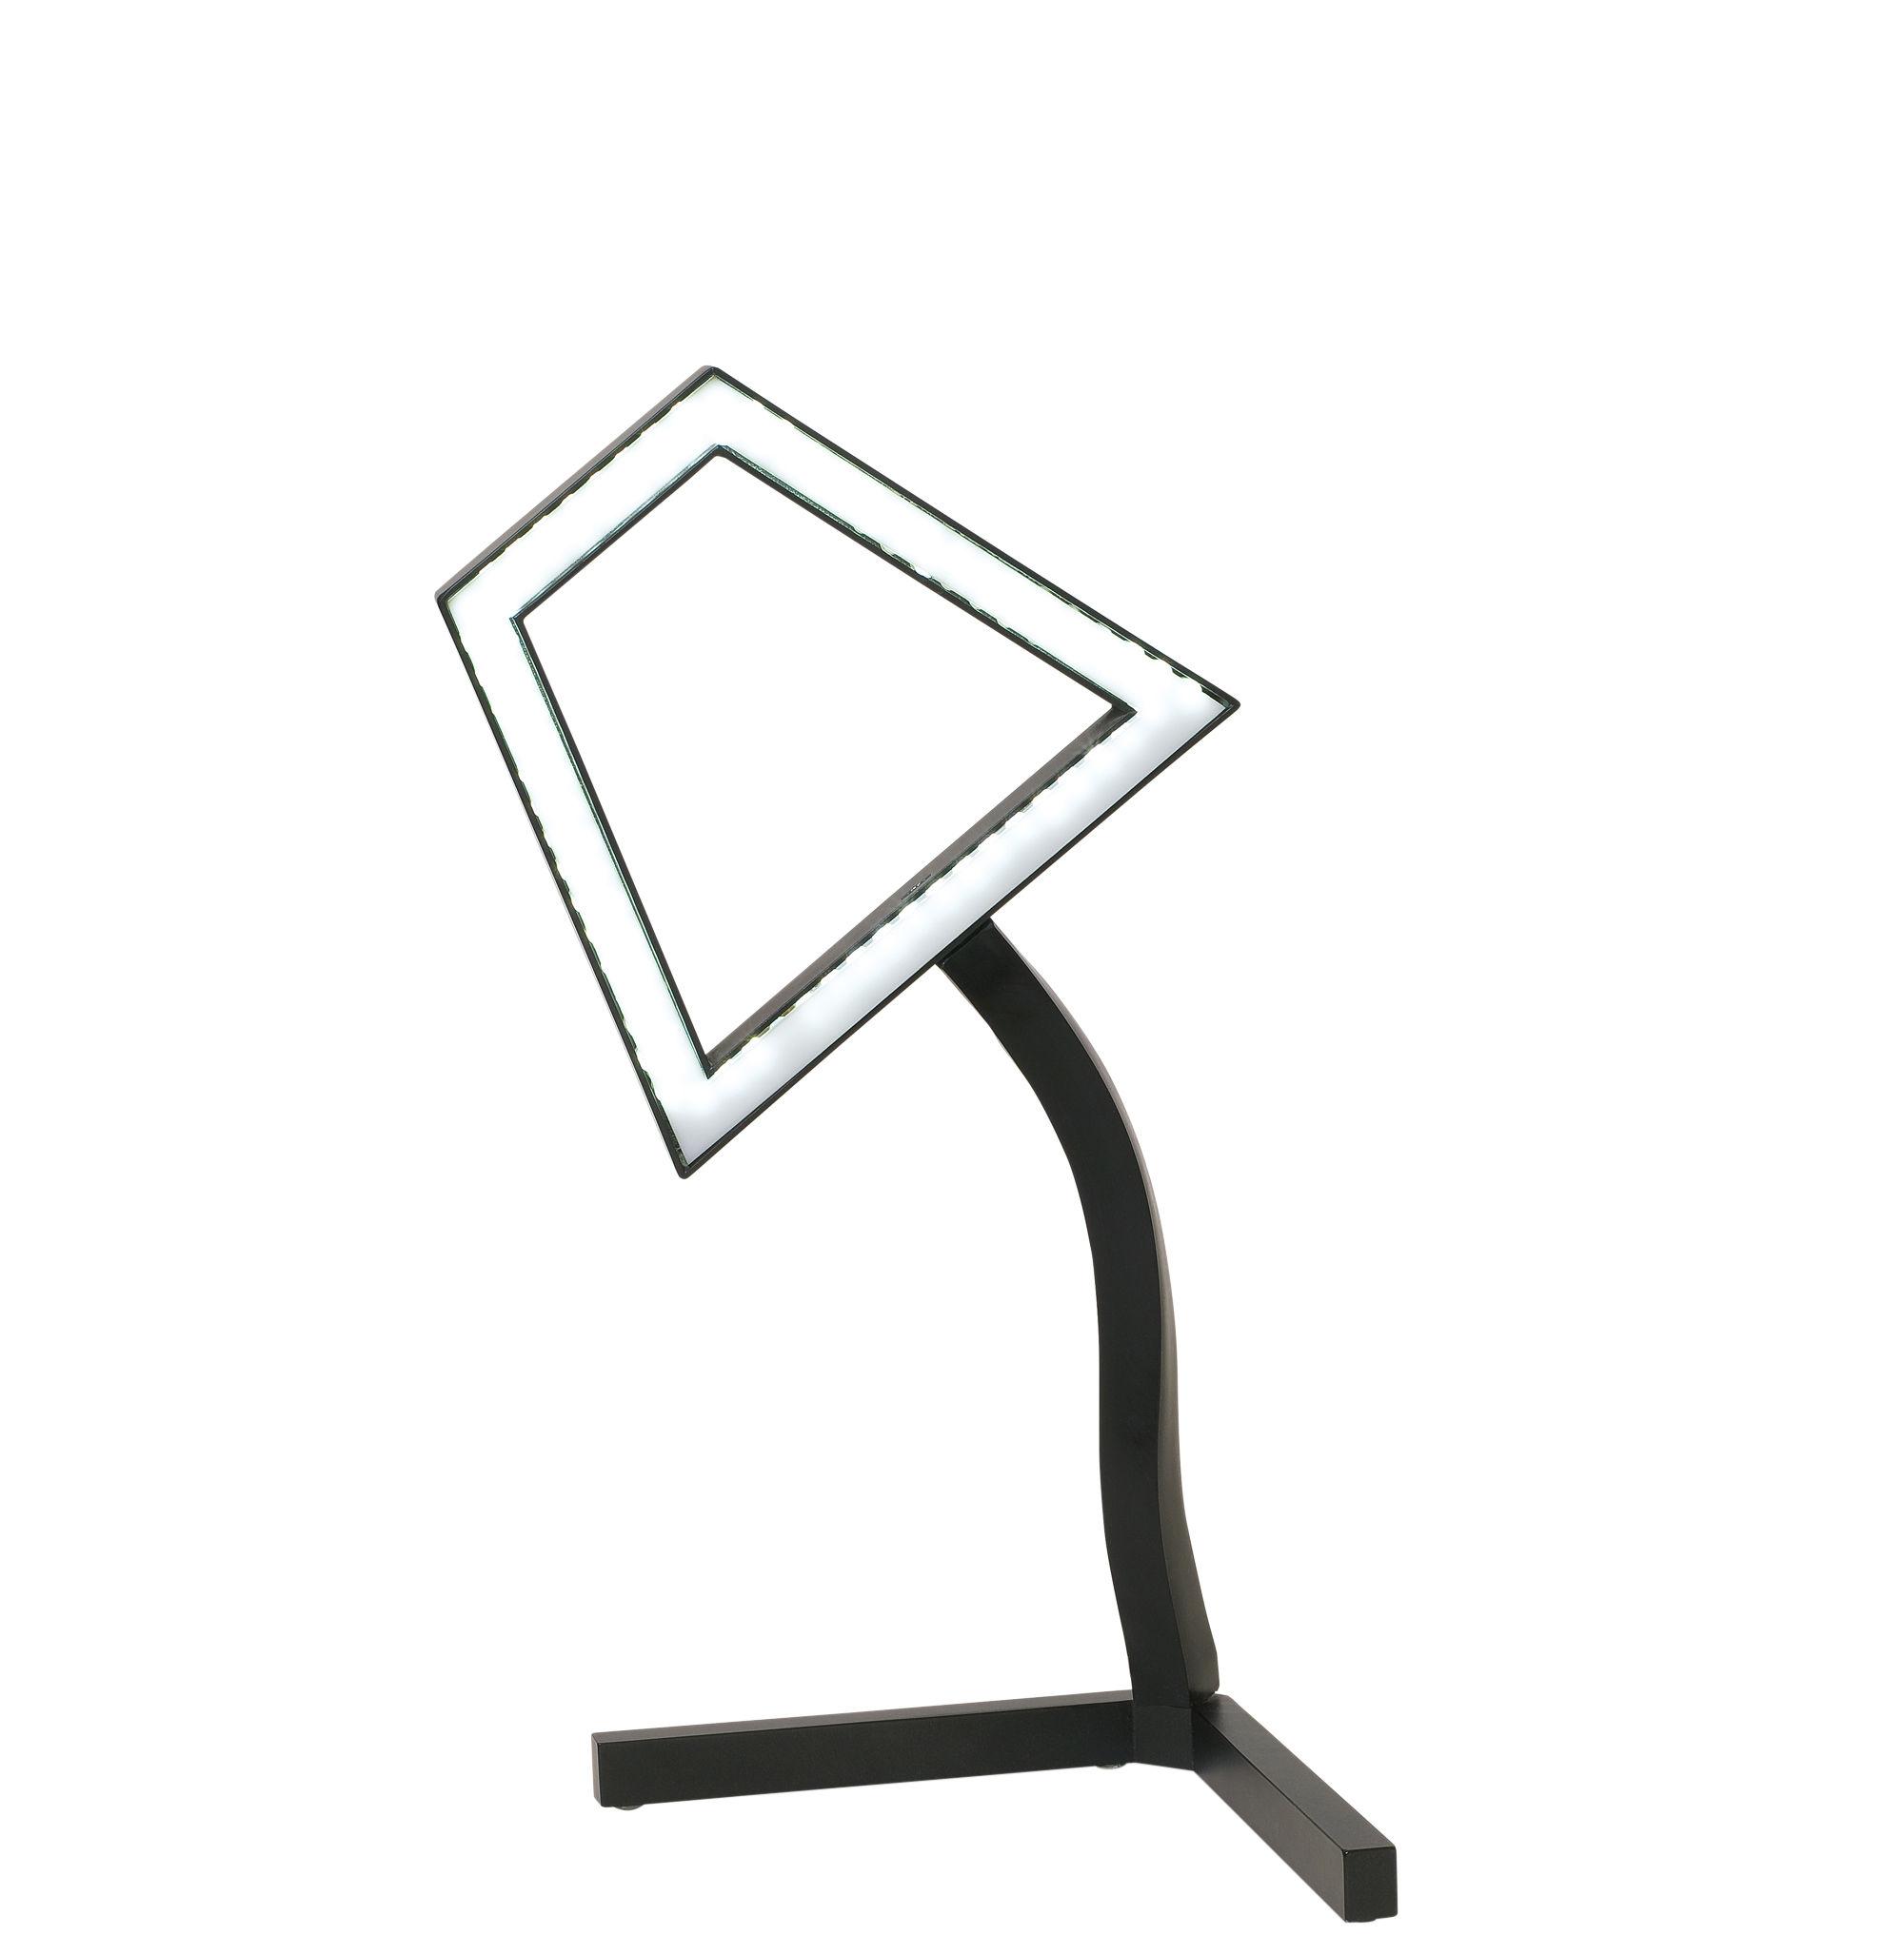 Luminaire - Lampes de table - Lampe de table 2D LED flexible - Skitsch - Noir - Aluminium peint, Caoutchouc, Polycarbonate